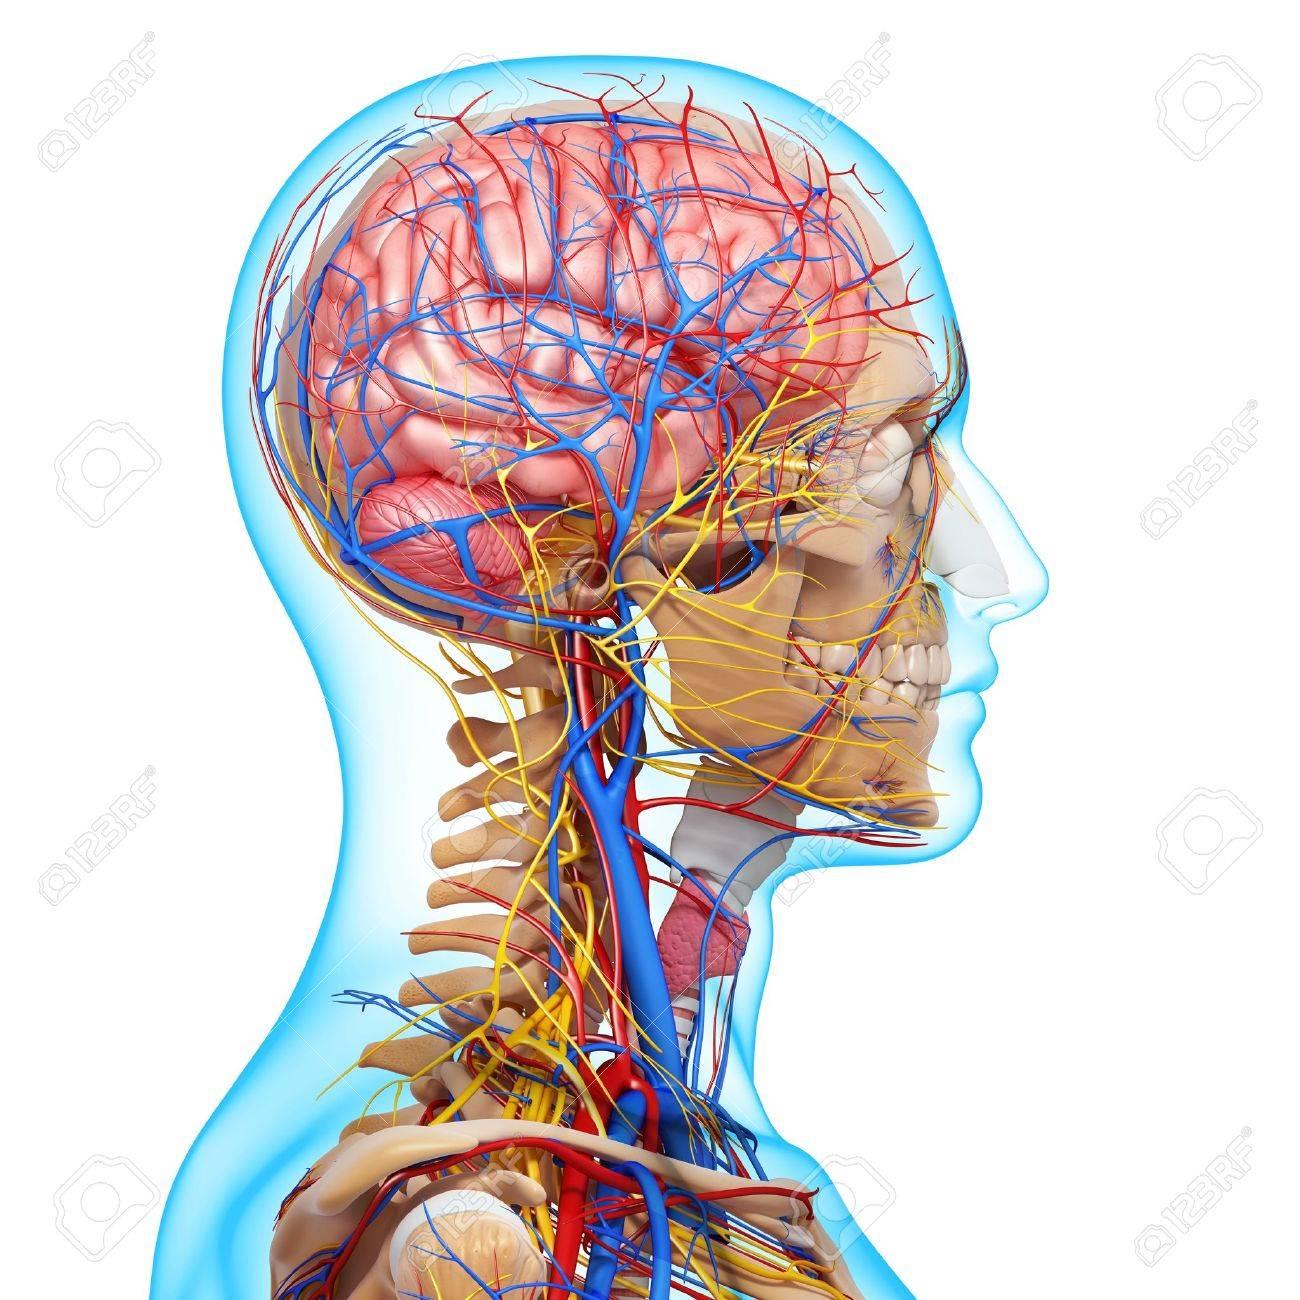 Seitenansicht Gehirn Kreislaufsystem Mit, Augen, Rachen, Zähne ...